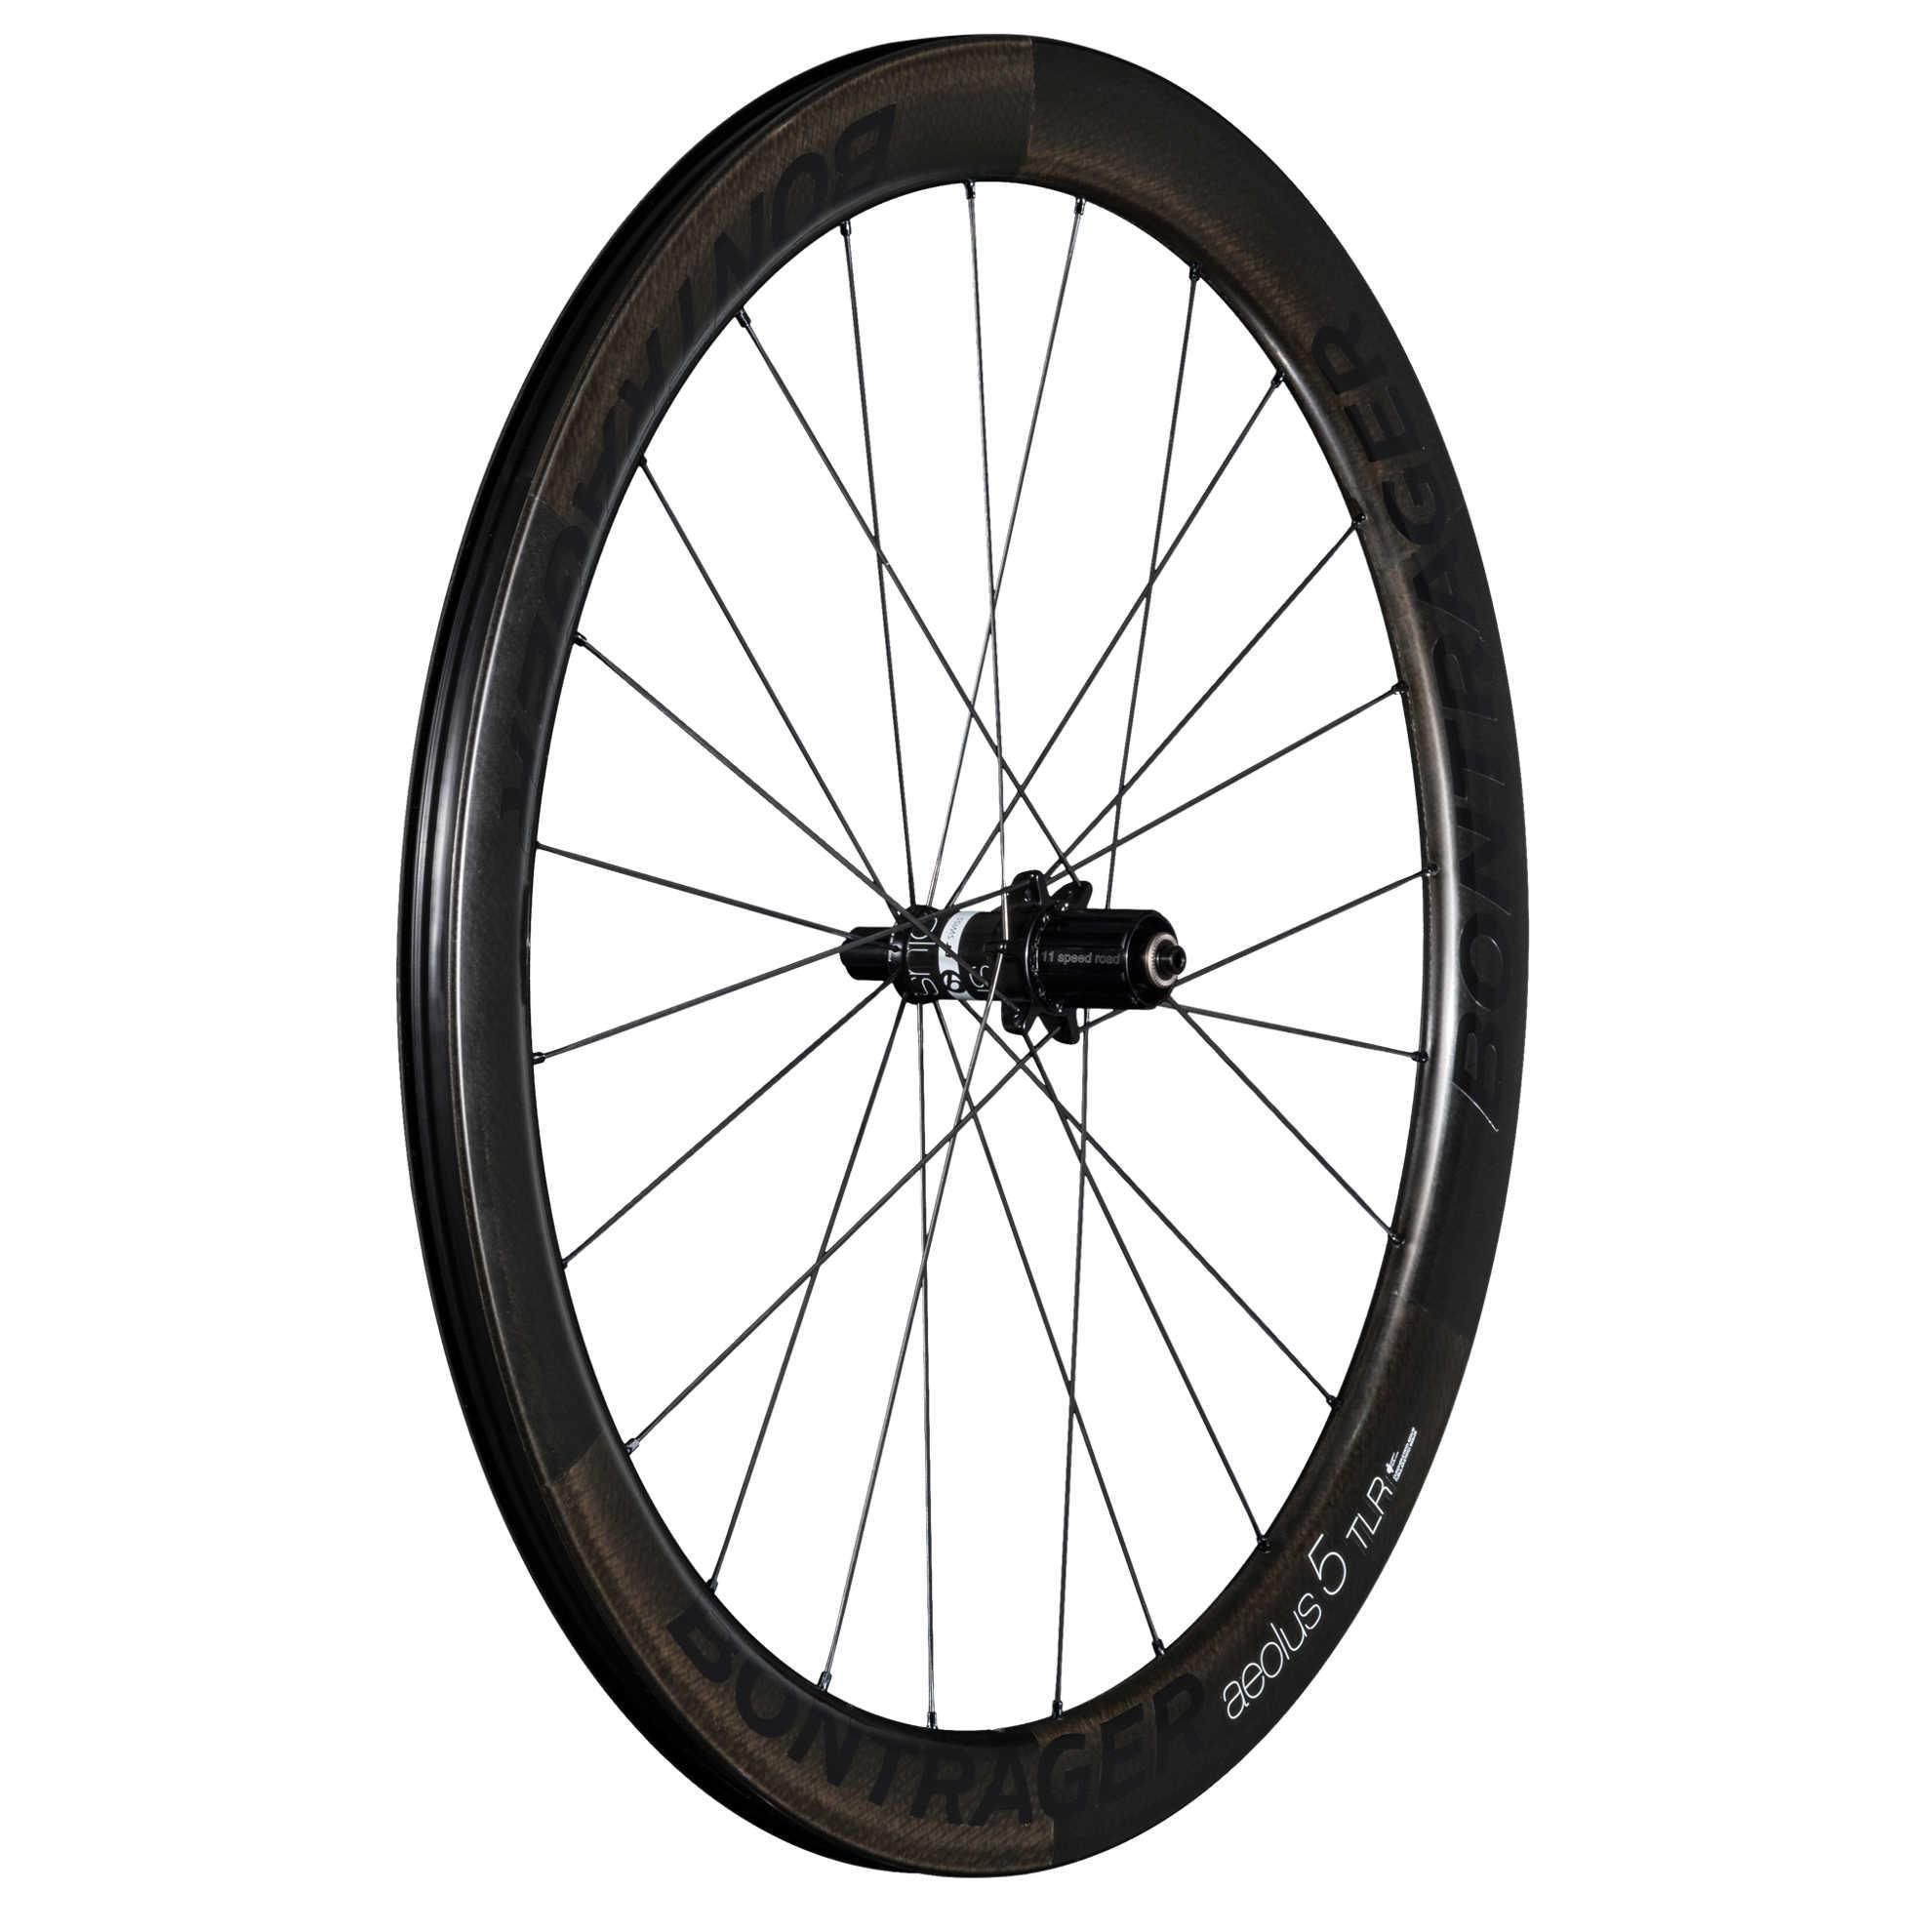 cb24e69df Aeolus 5 TLR D3 landeveishjul for kanttråddekk | Trek Bikes (NO)